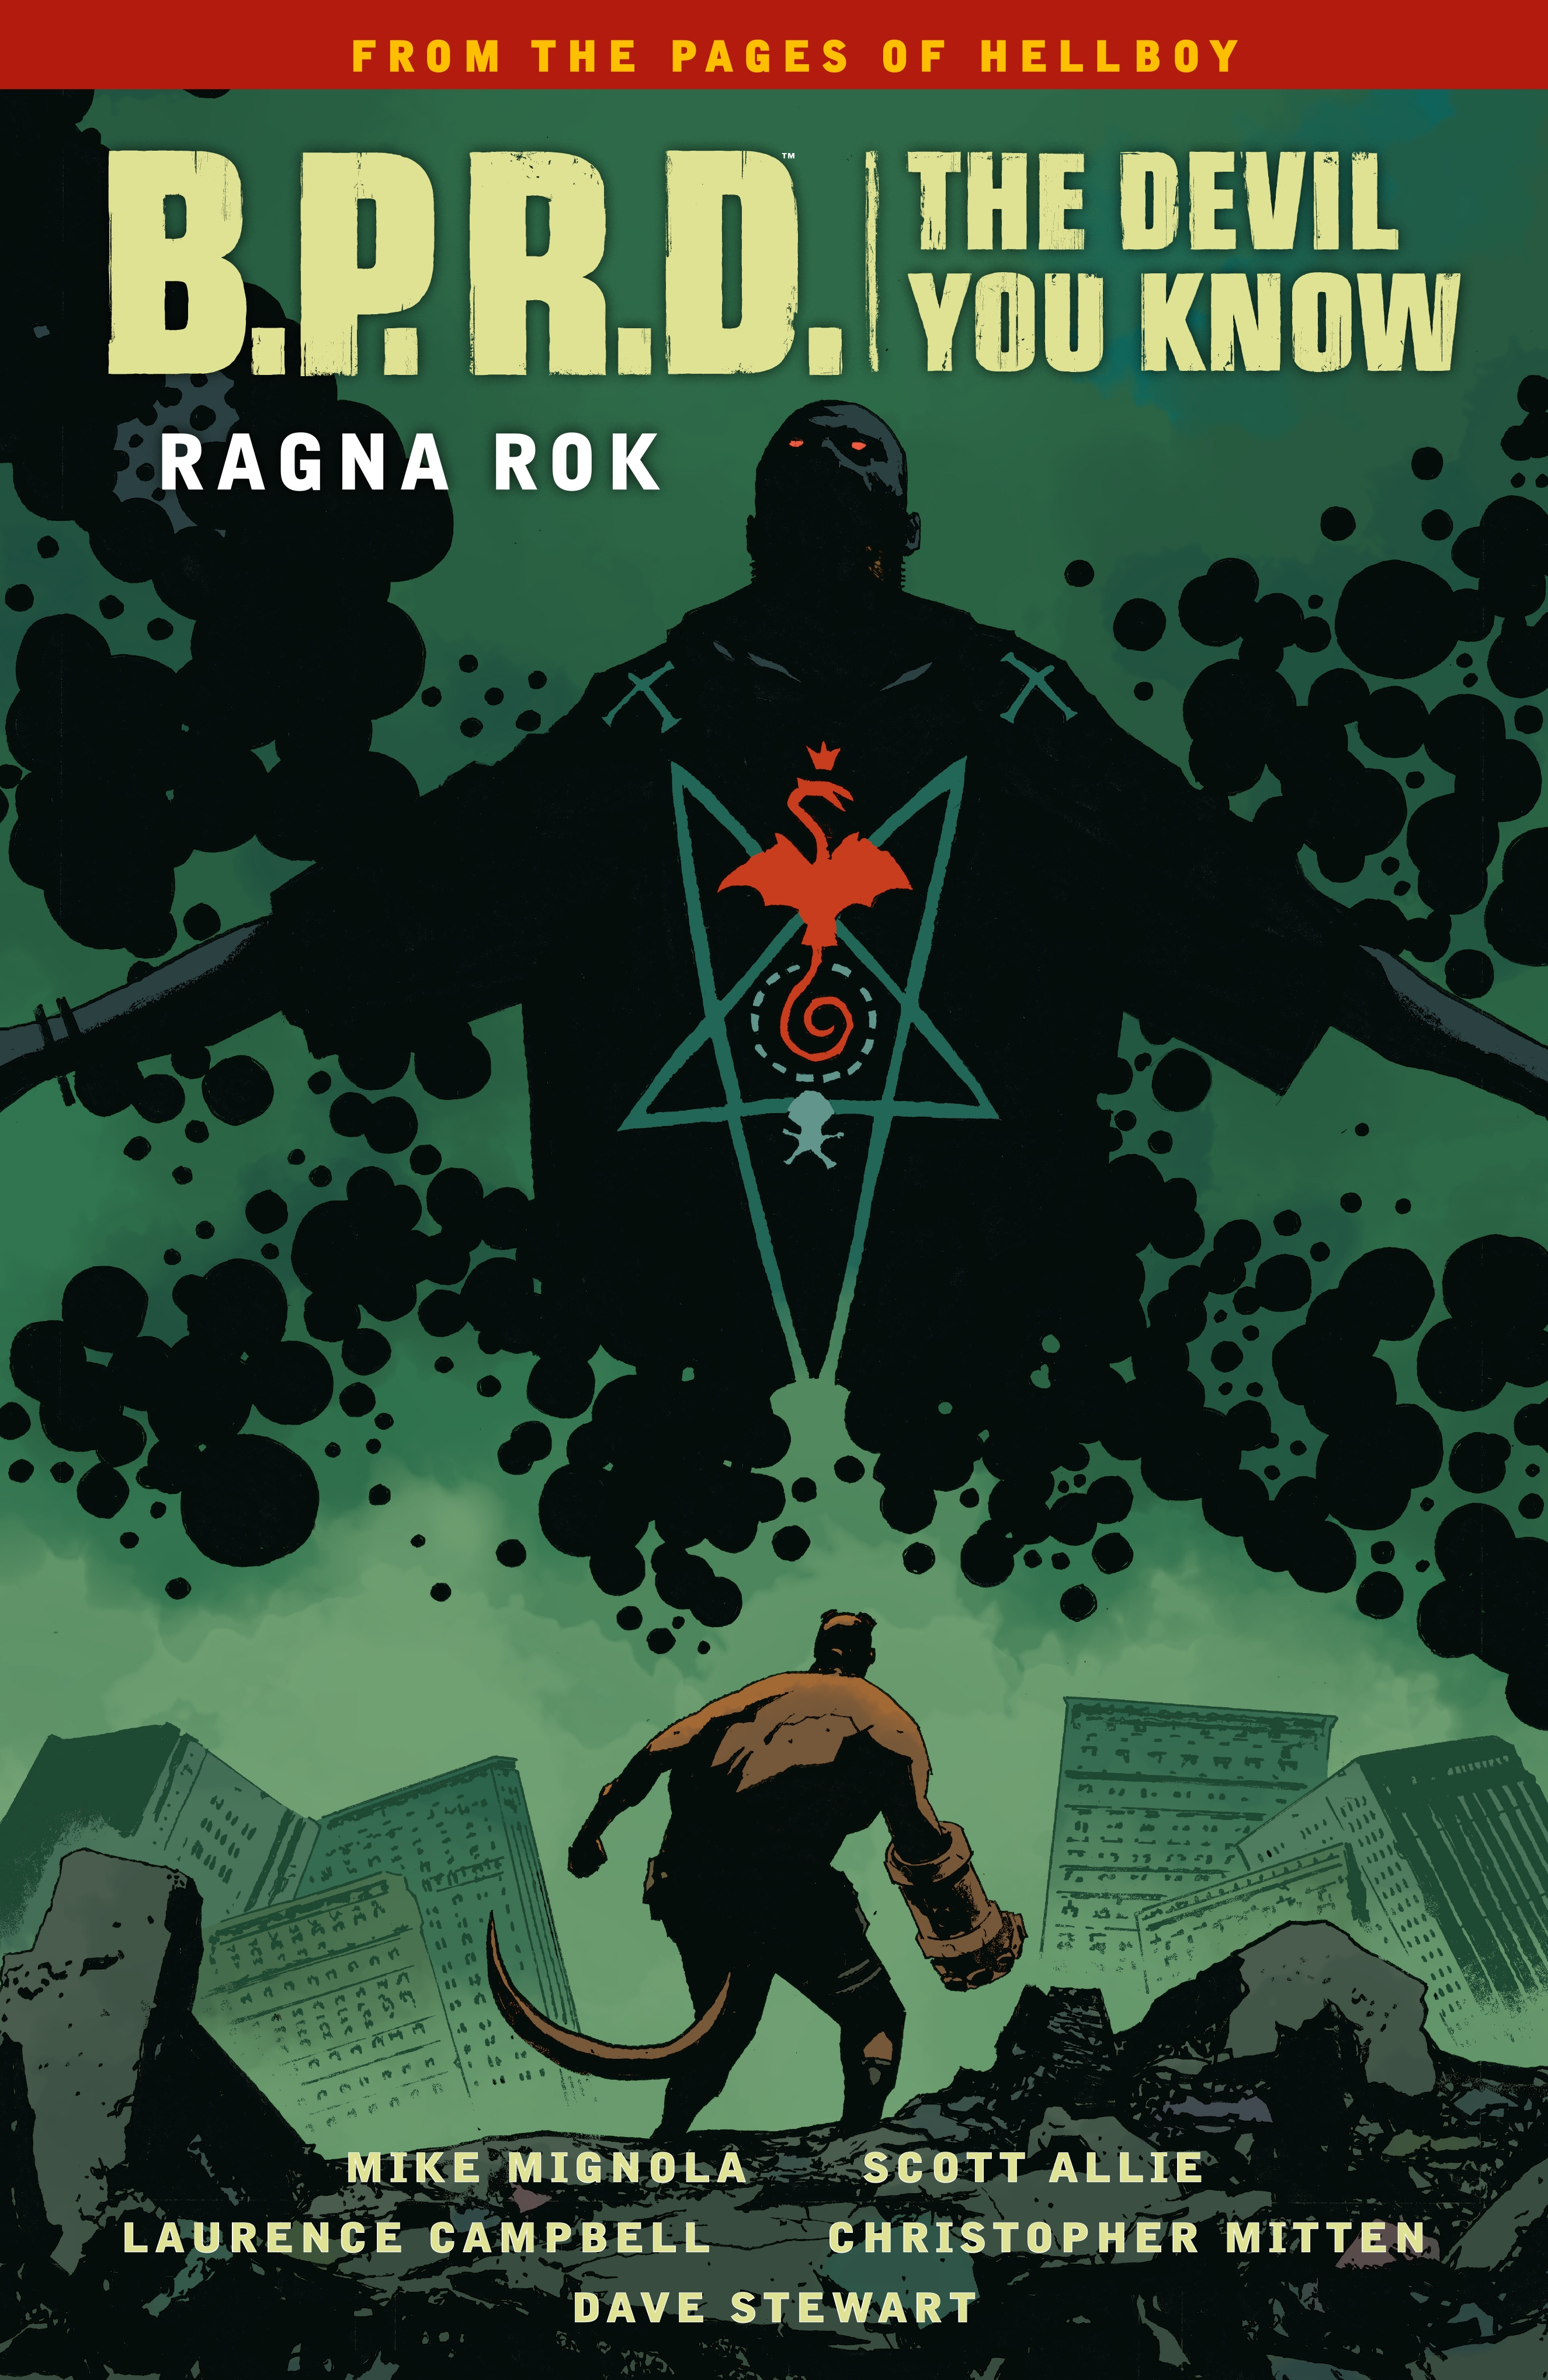 db70a0c687fe9 B.P.R.D. The Devil You Know Volume 3-Ragna Rok by Mike Mignola ...